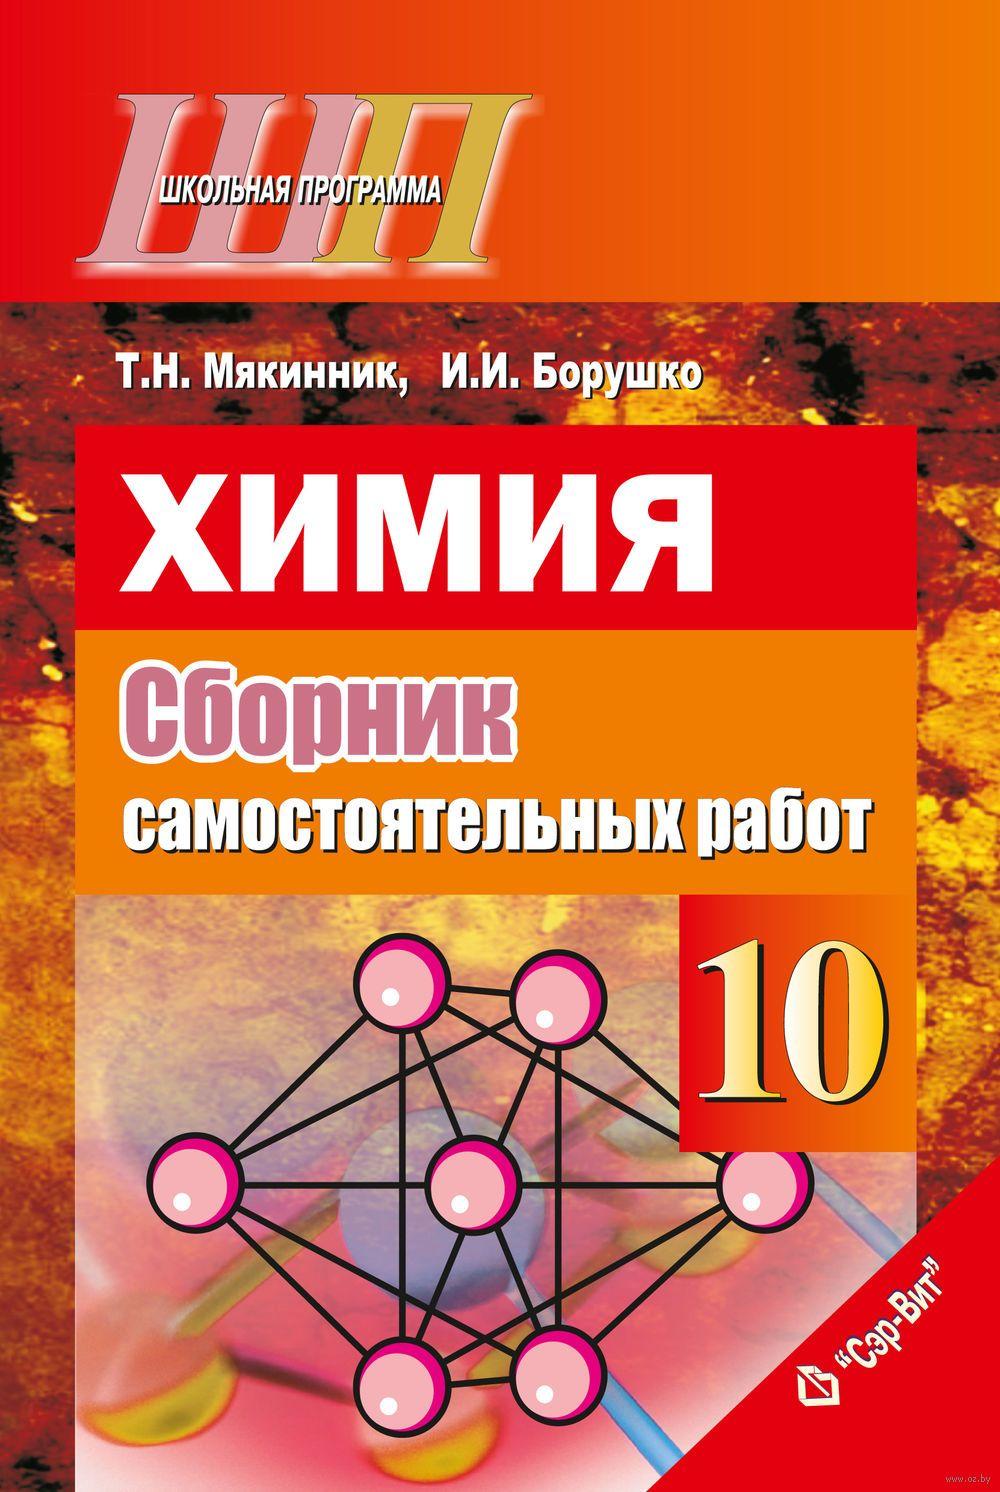 Самостоятельных сборник по гдз работ химии